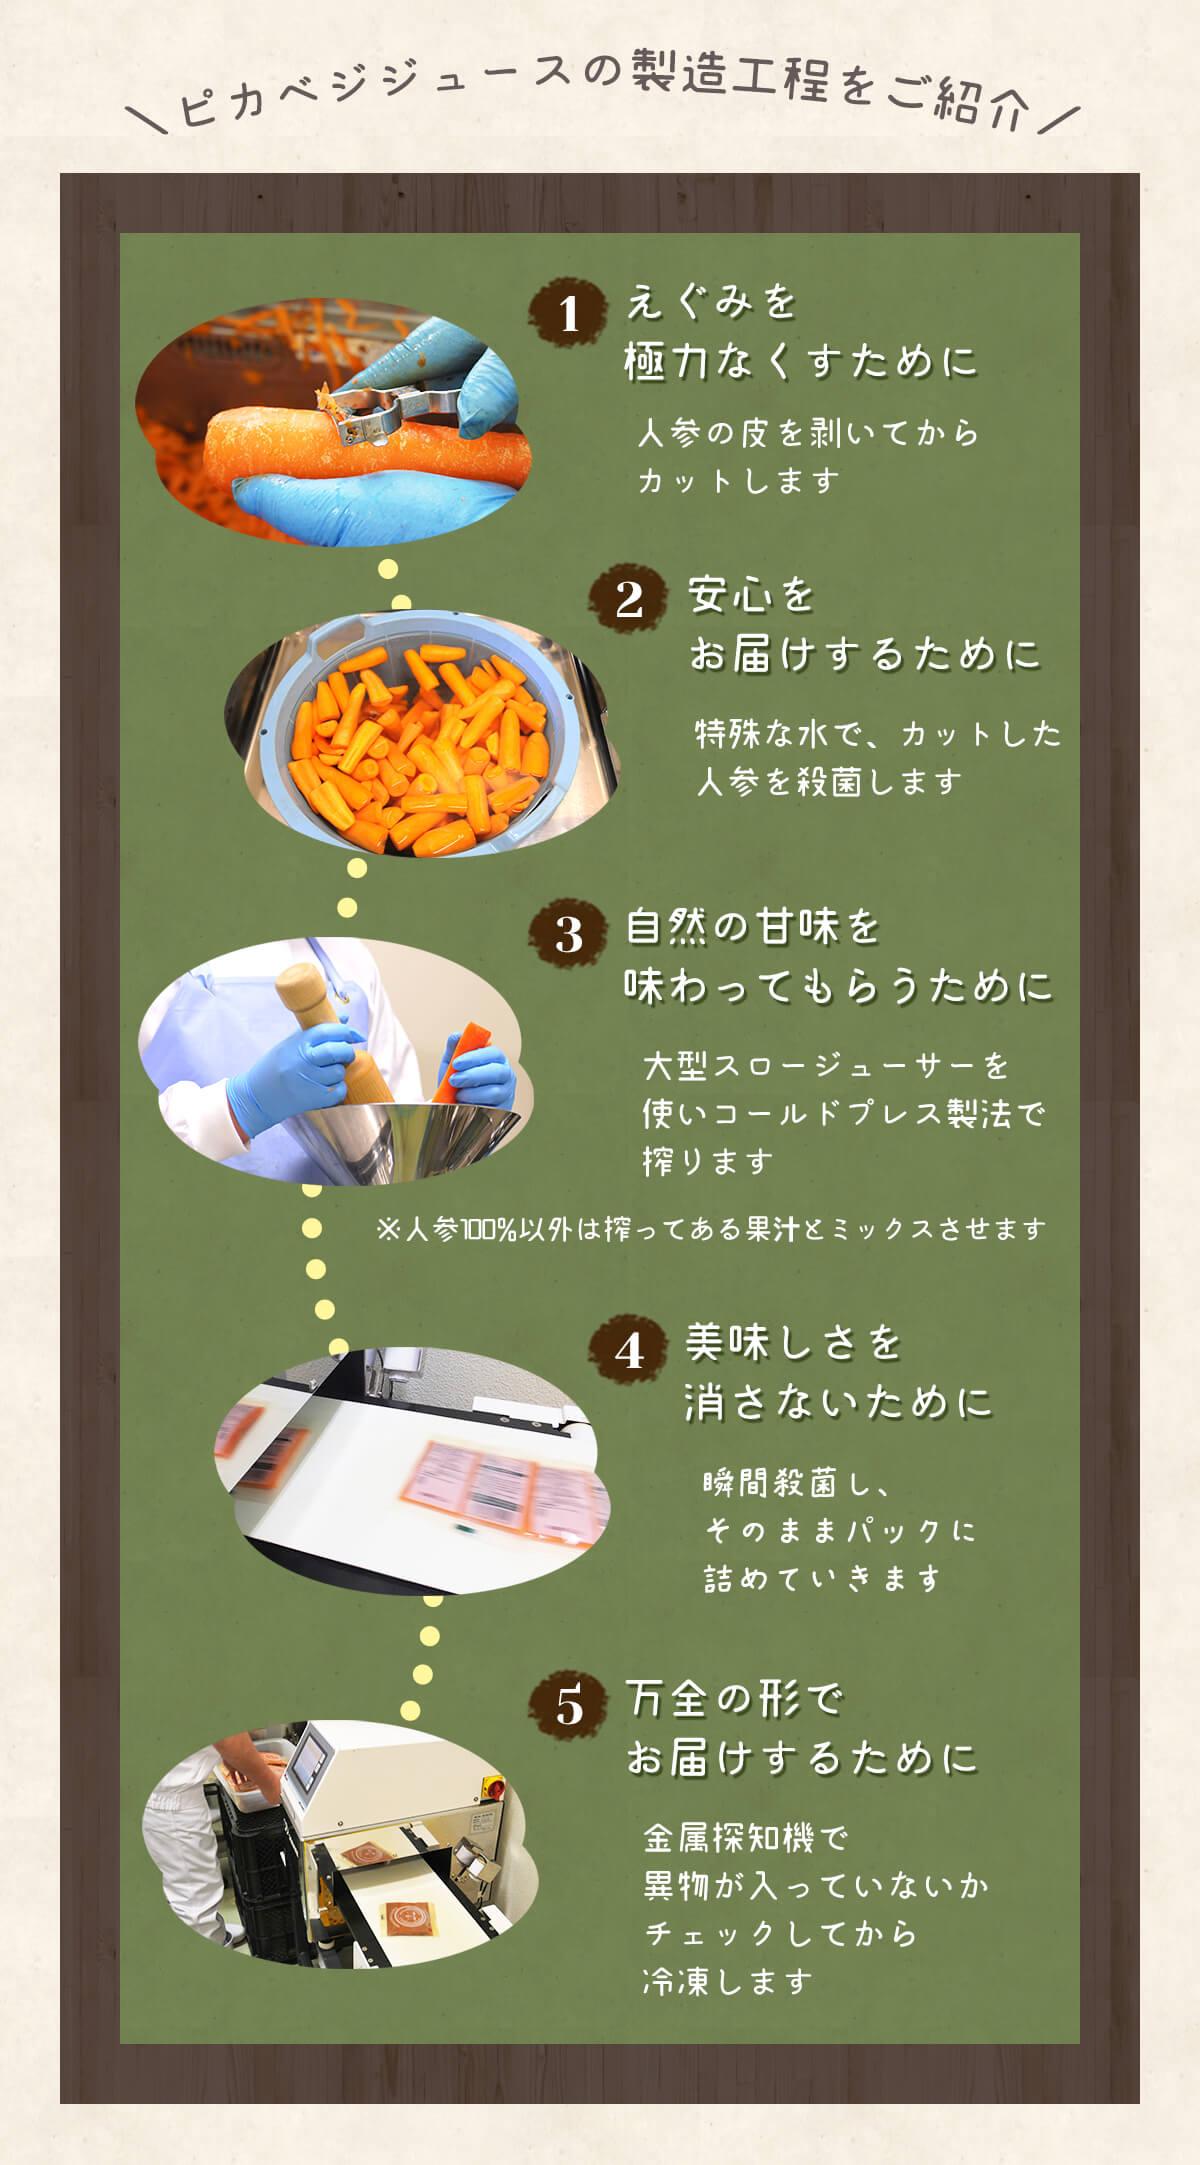 ピカベジジュースの製造工程